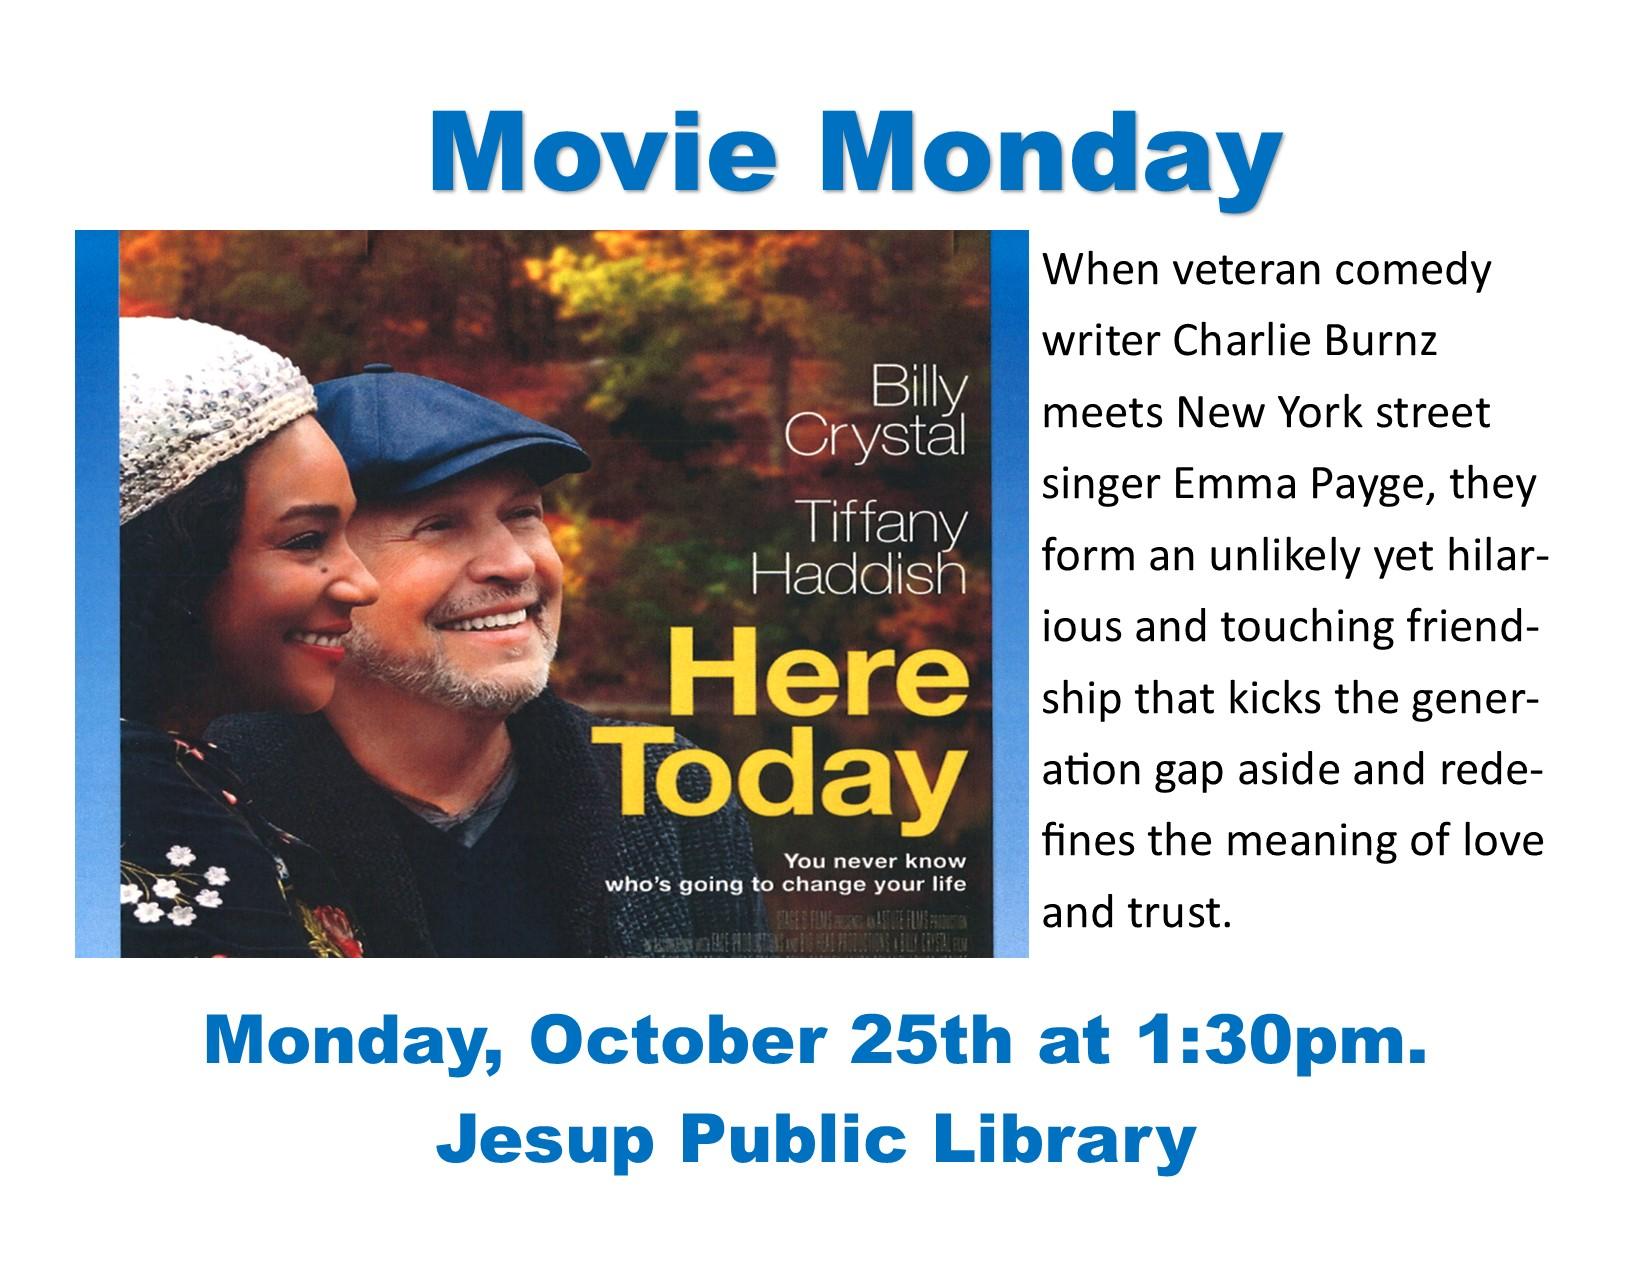 Movie Monday 10-25.jpg